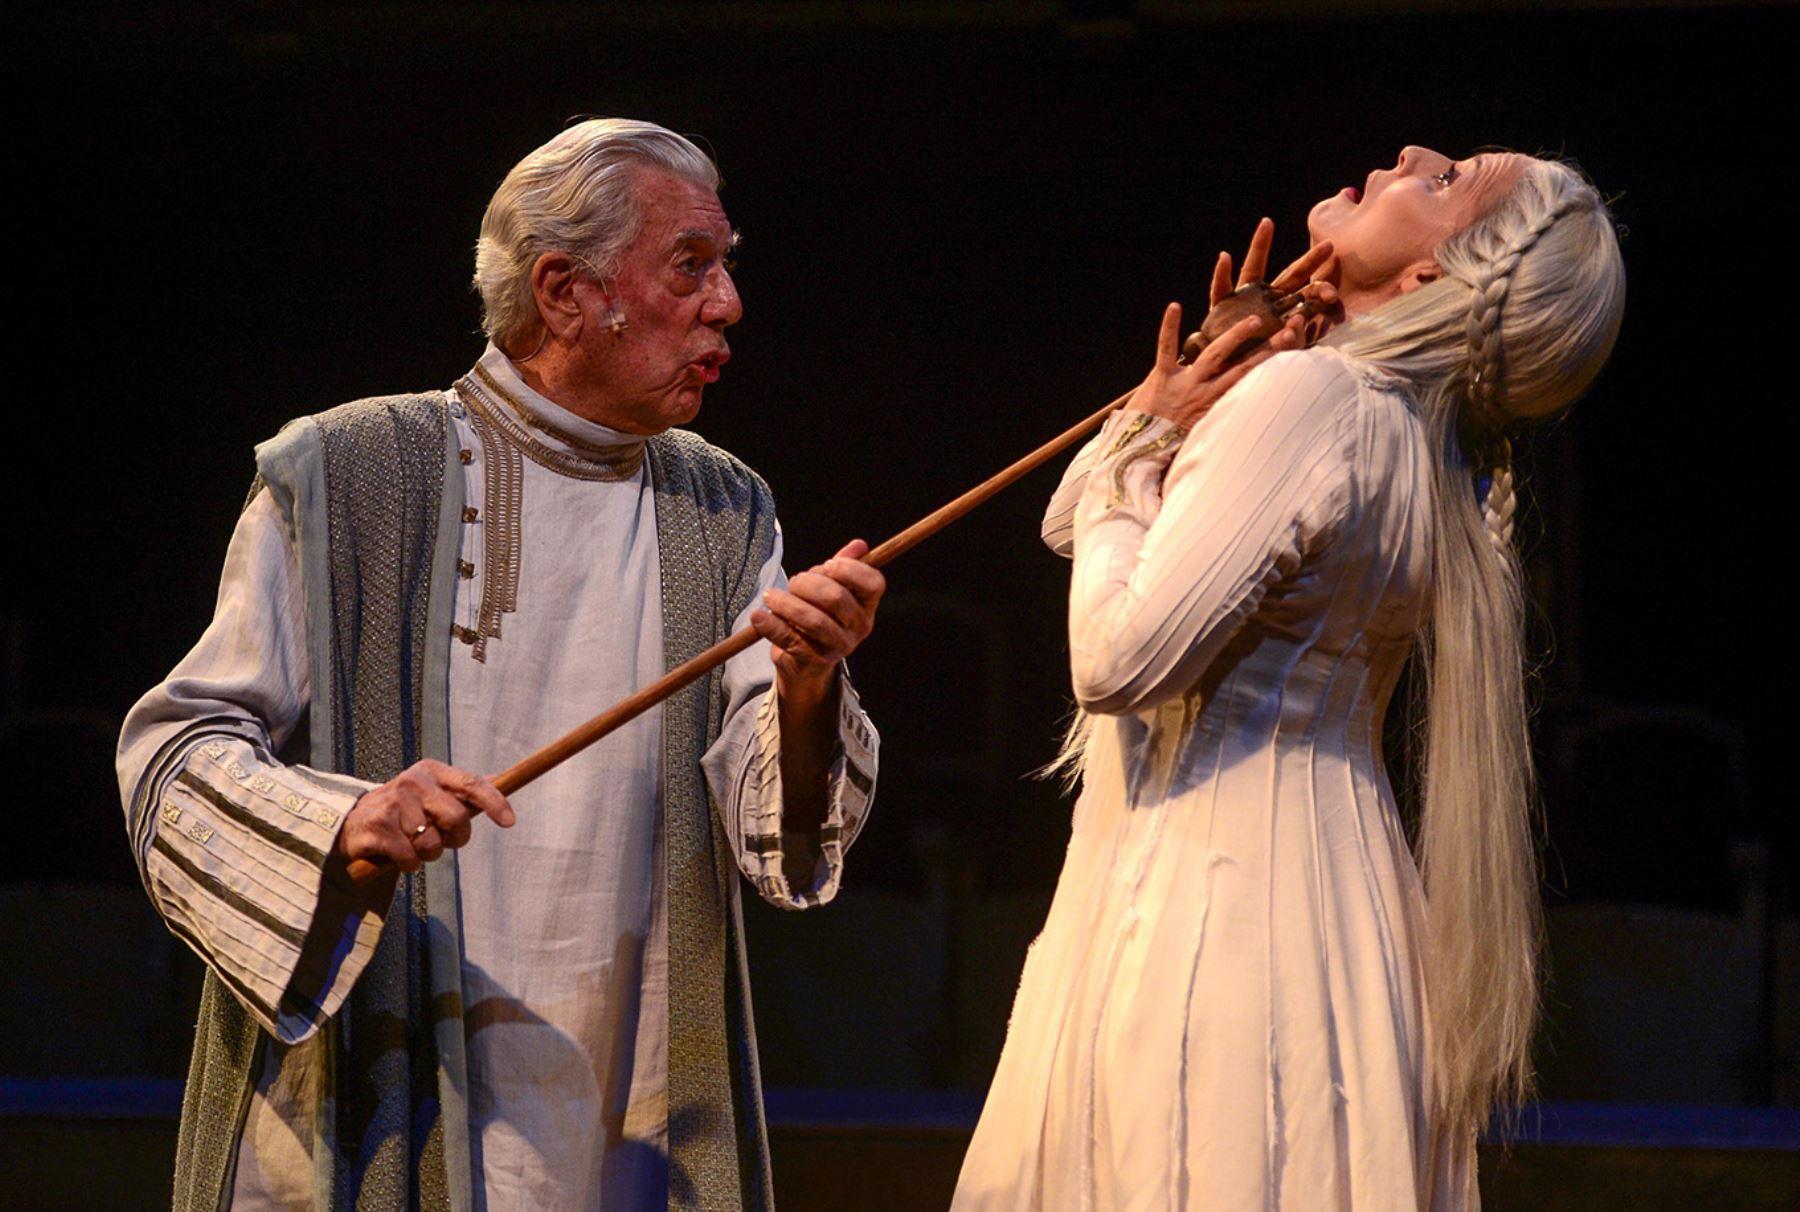 El escritor peruano Mario Vargas Llosa y la actriz española Aitana Sánchez Gijón realizan durante el ensayo general de Cuentos de la peste (Los cuentos de la peste) en el Teatro Español de Madrid, Foto: AFP